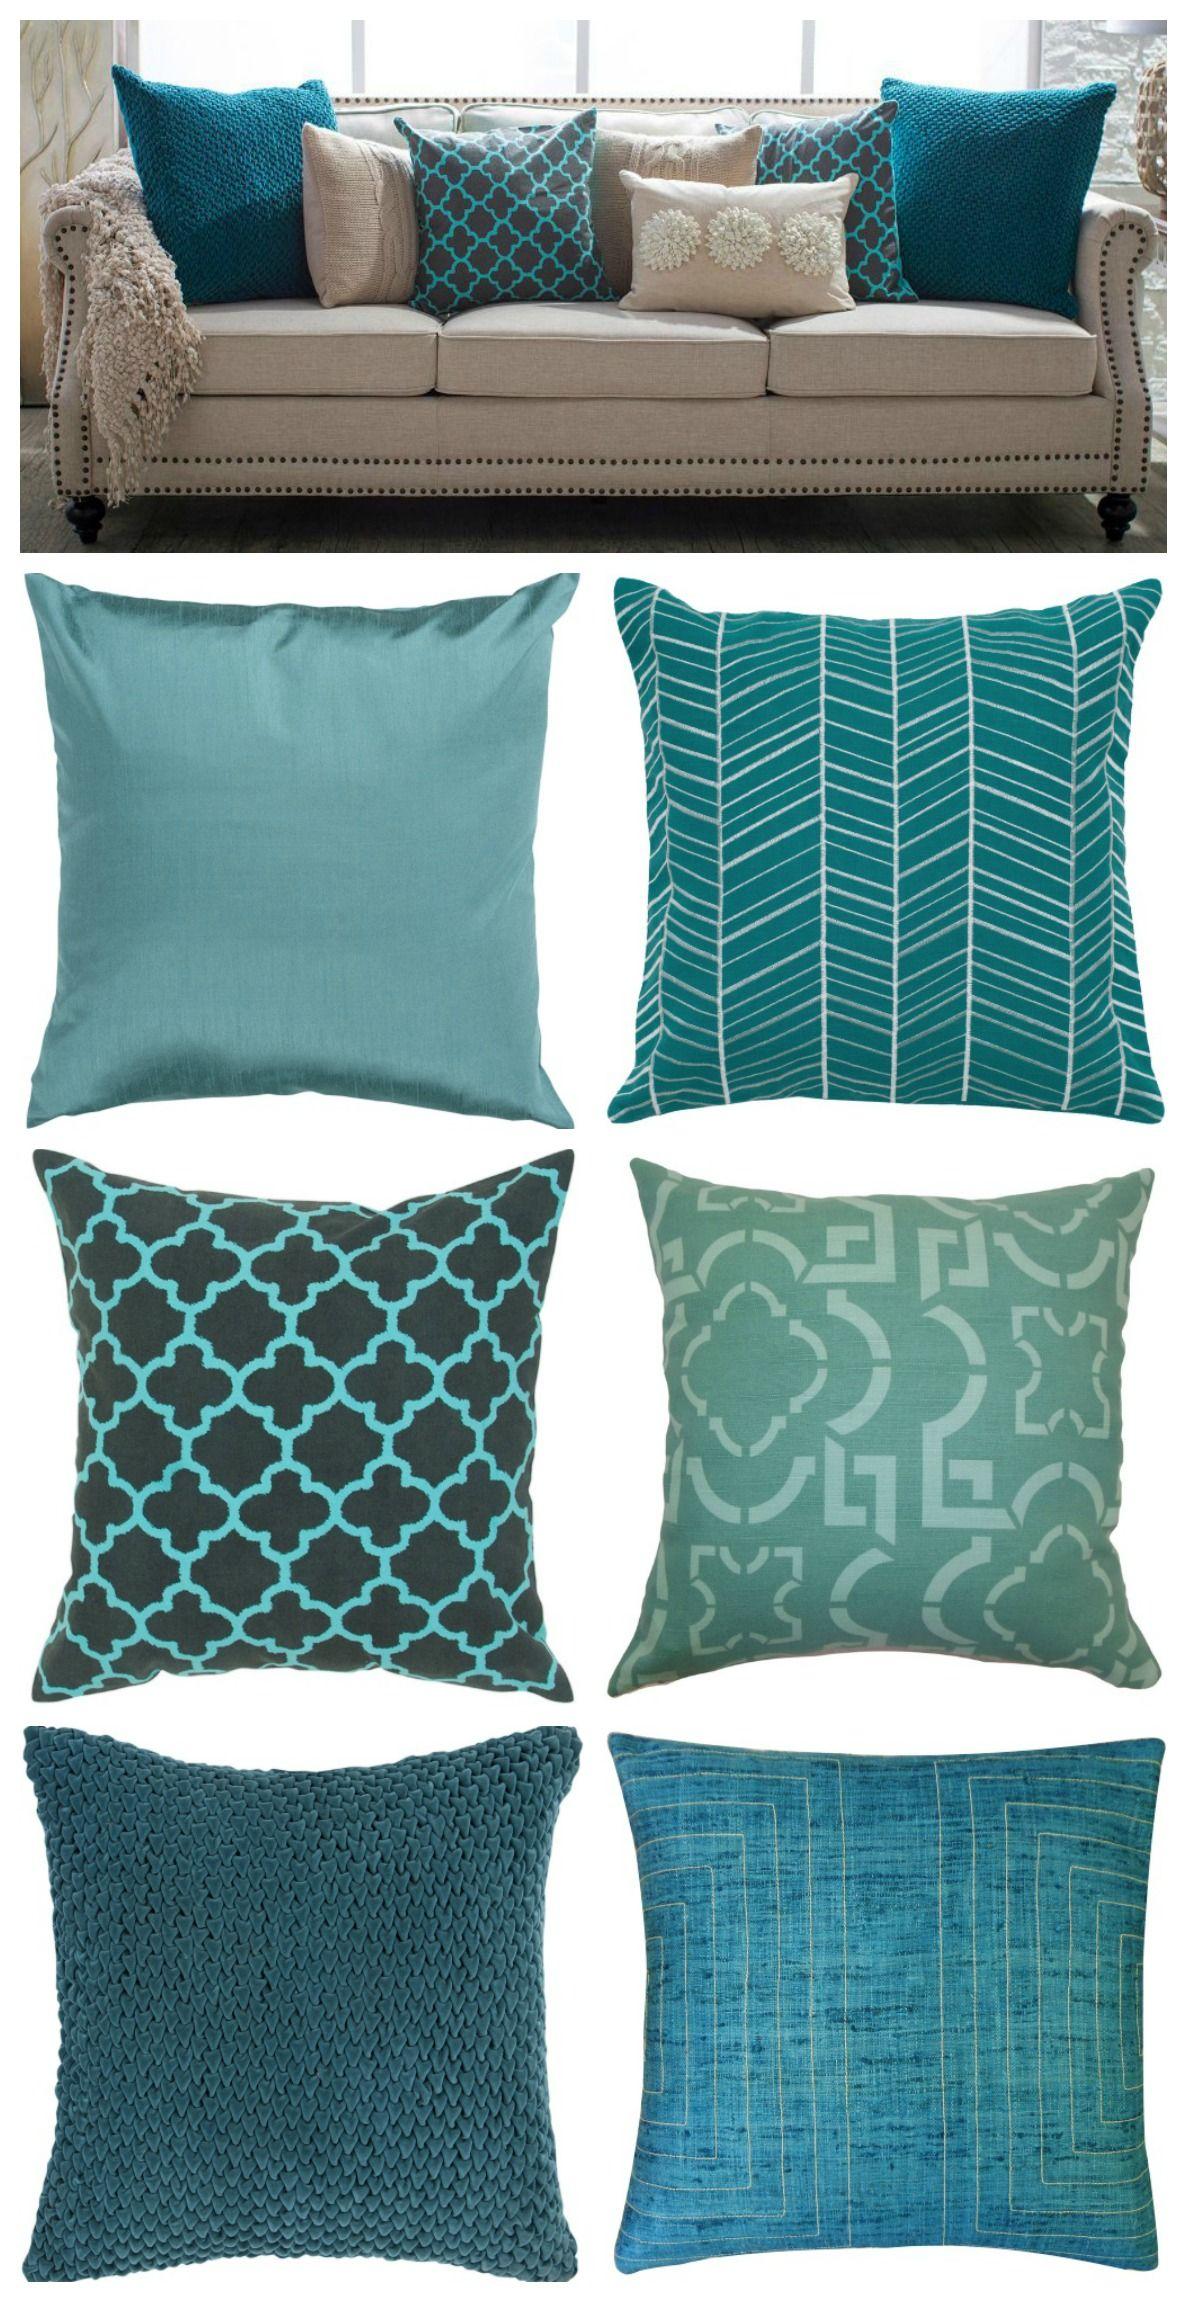 Teal pillows.